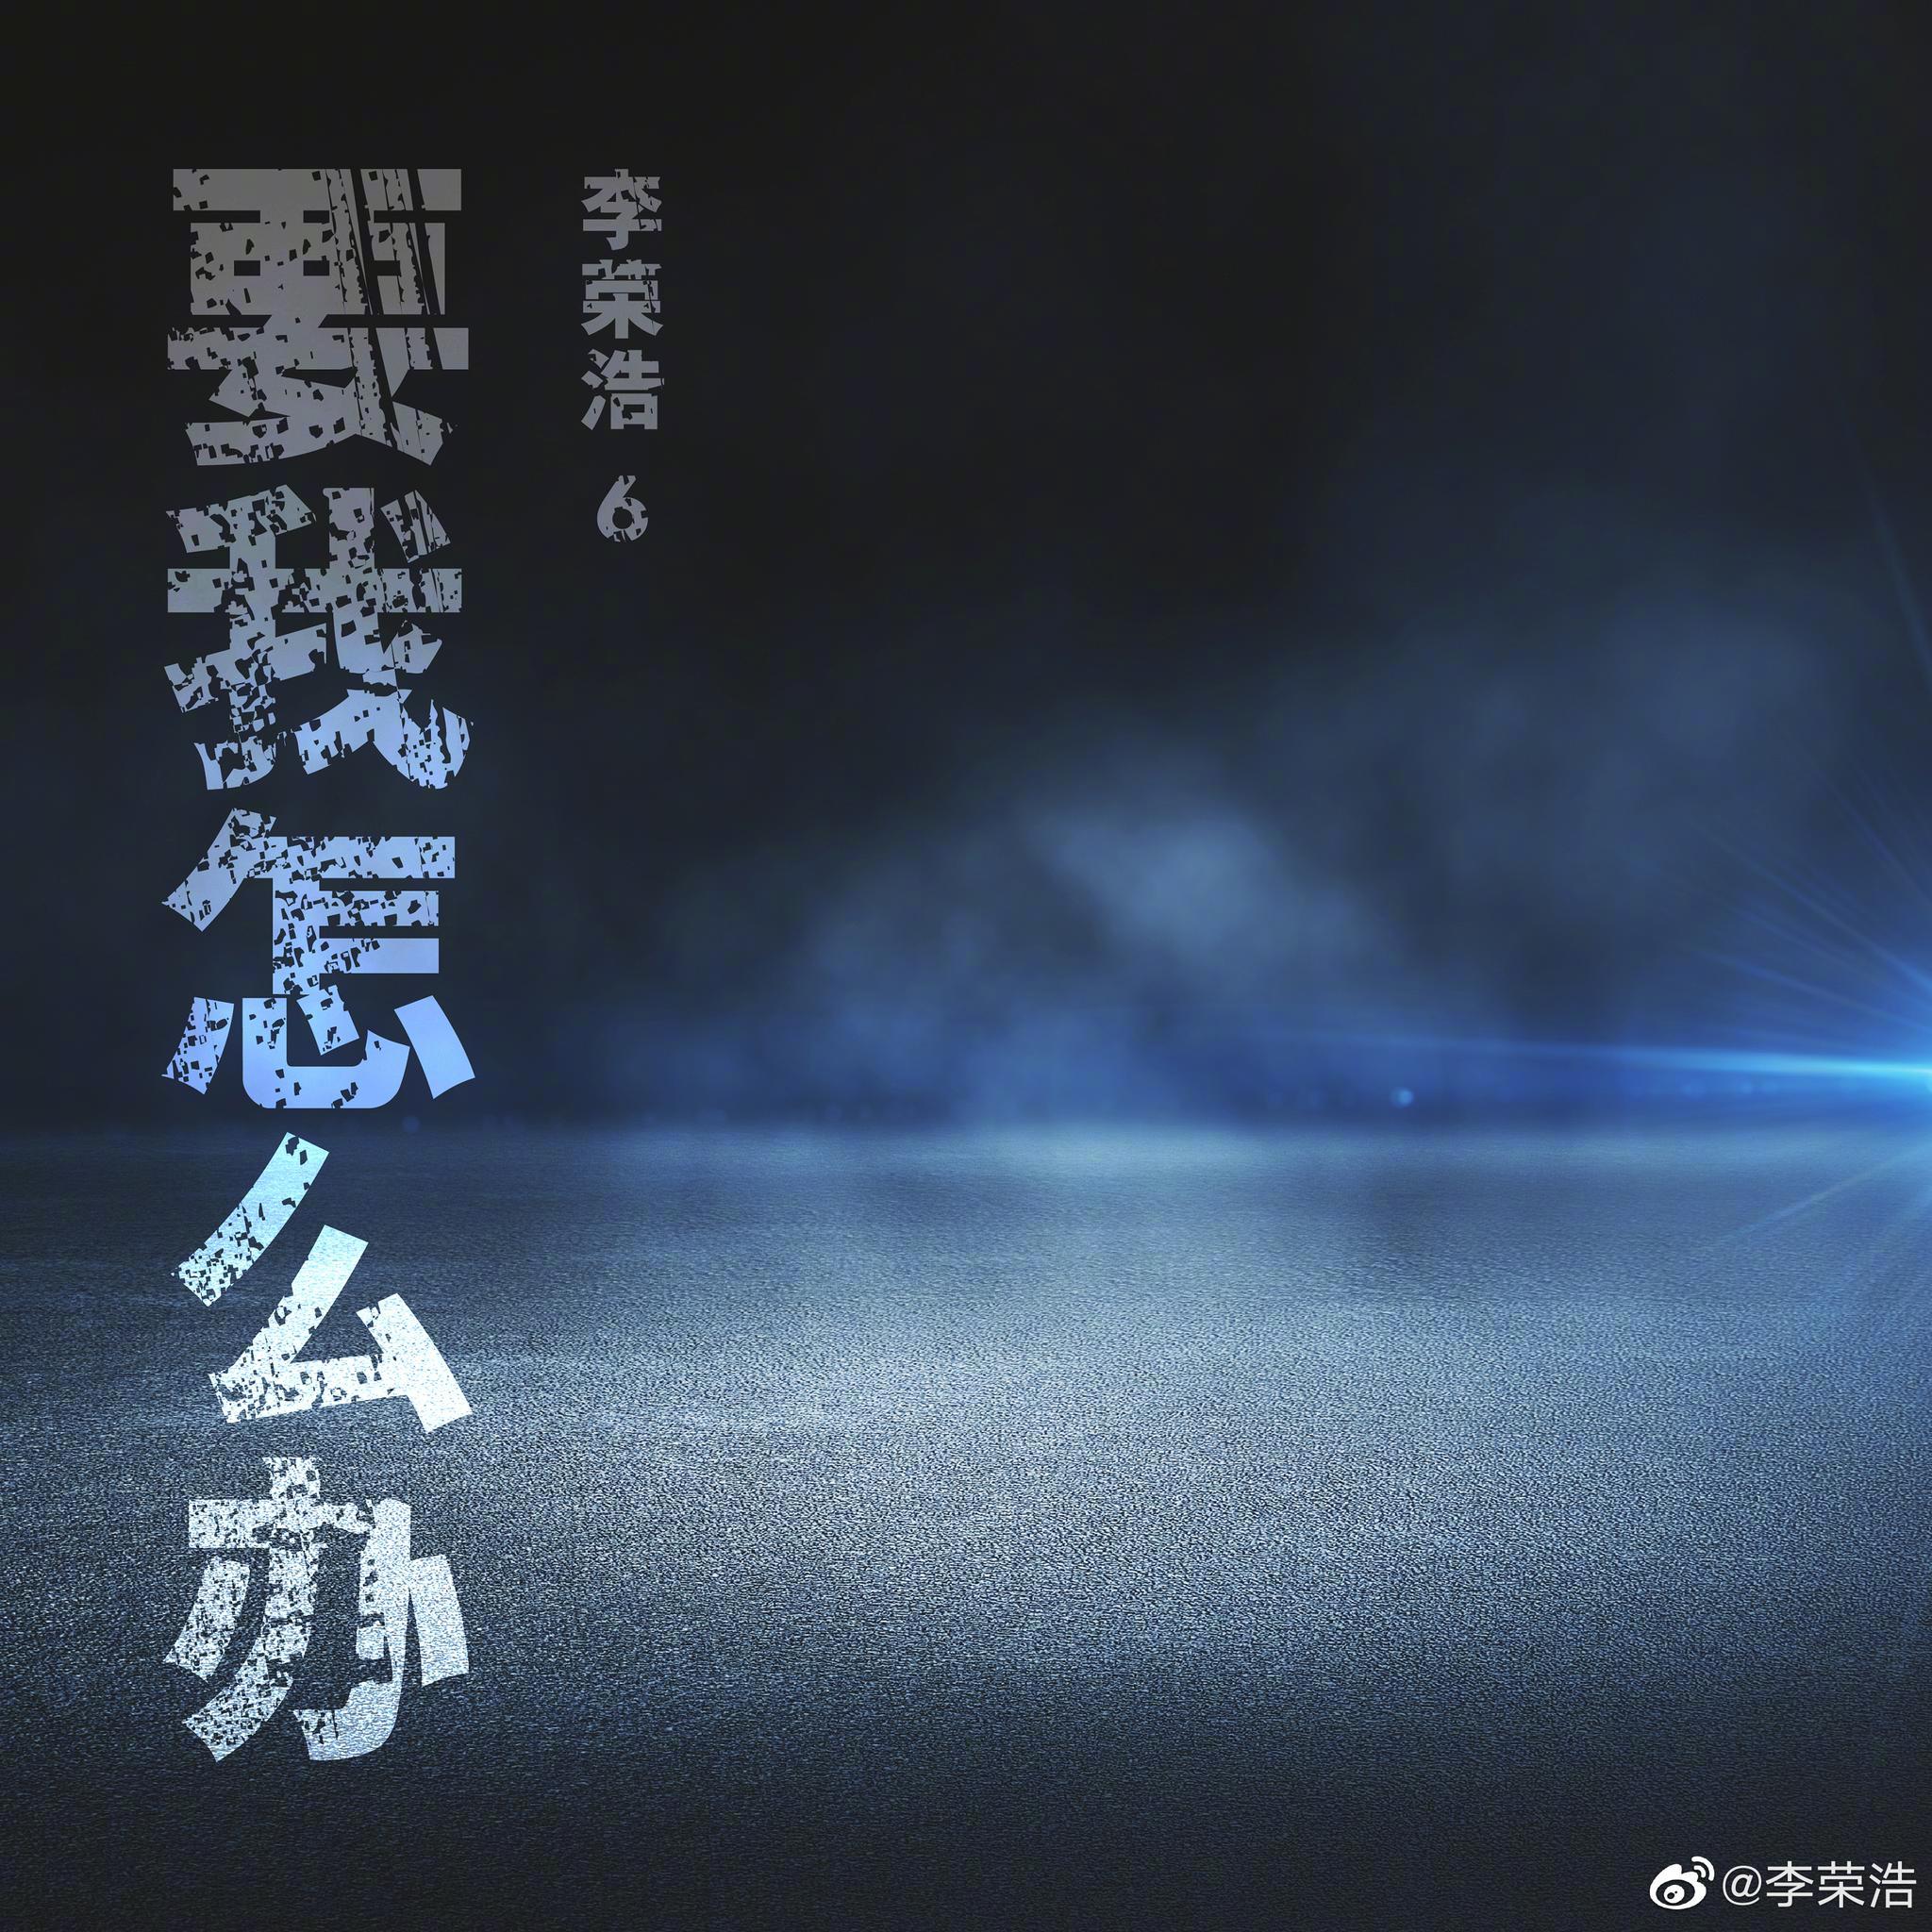 杏悦:荣浩新歌歌杏悦词只有9个字他说它图片